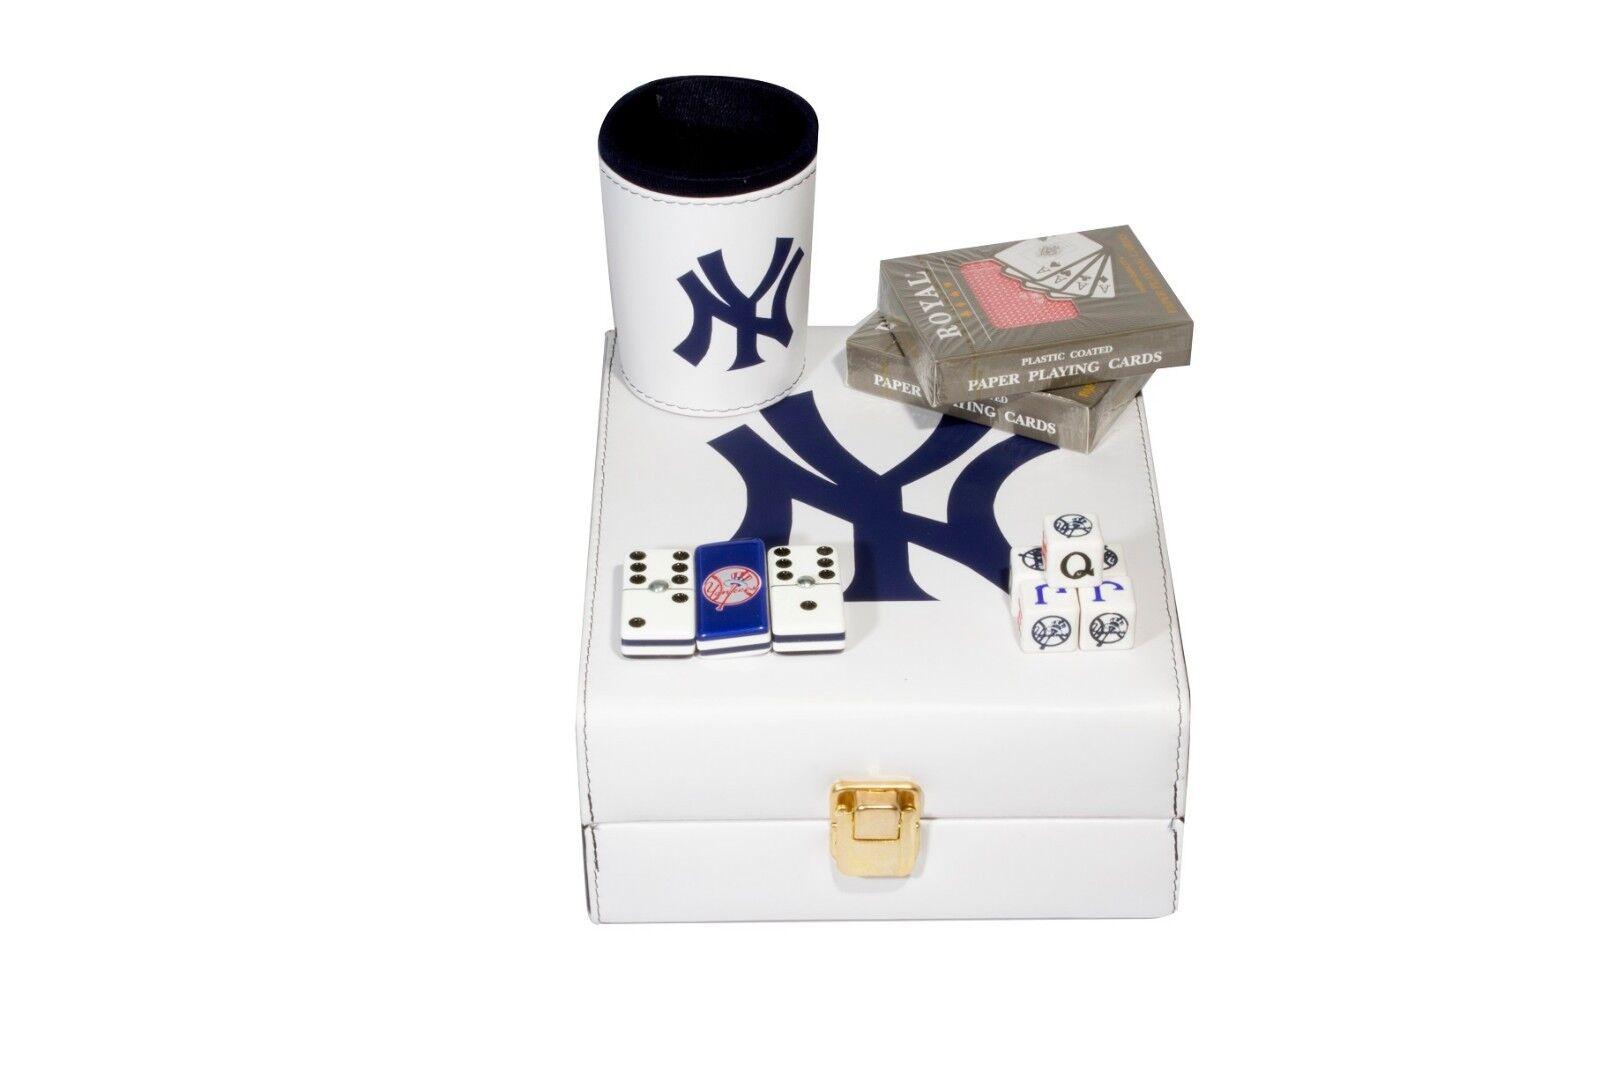 connotazione di lusso low-key Nuovo York Yankees Deluxe Set Set Set 3 giocos  Domino, Dice Cup, 2 Poker autods  prezzo all'ingrosso e qualità affidabile